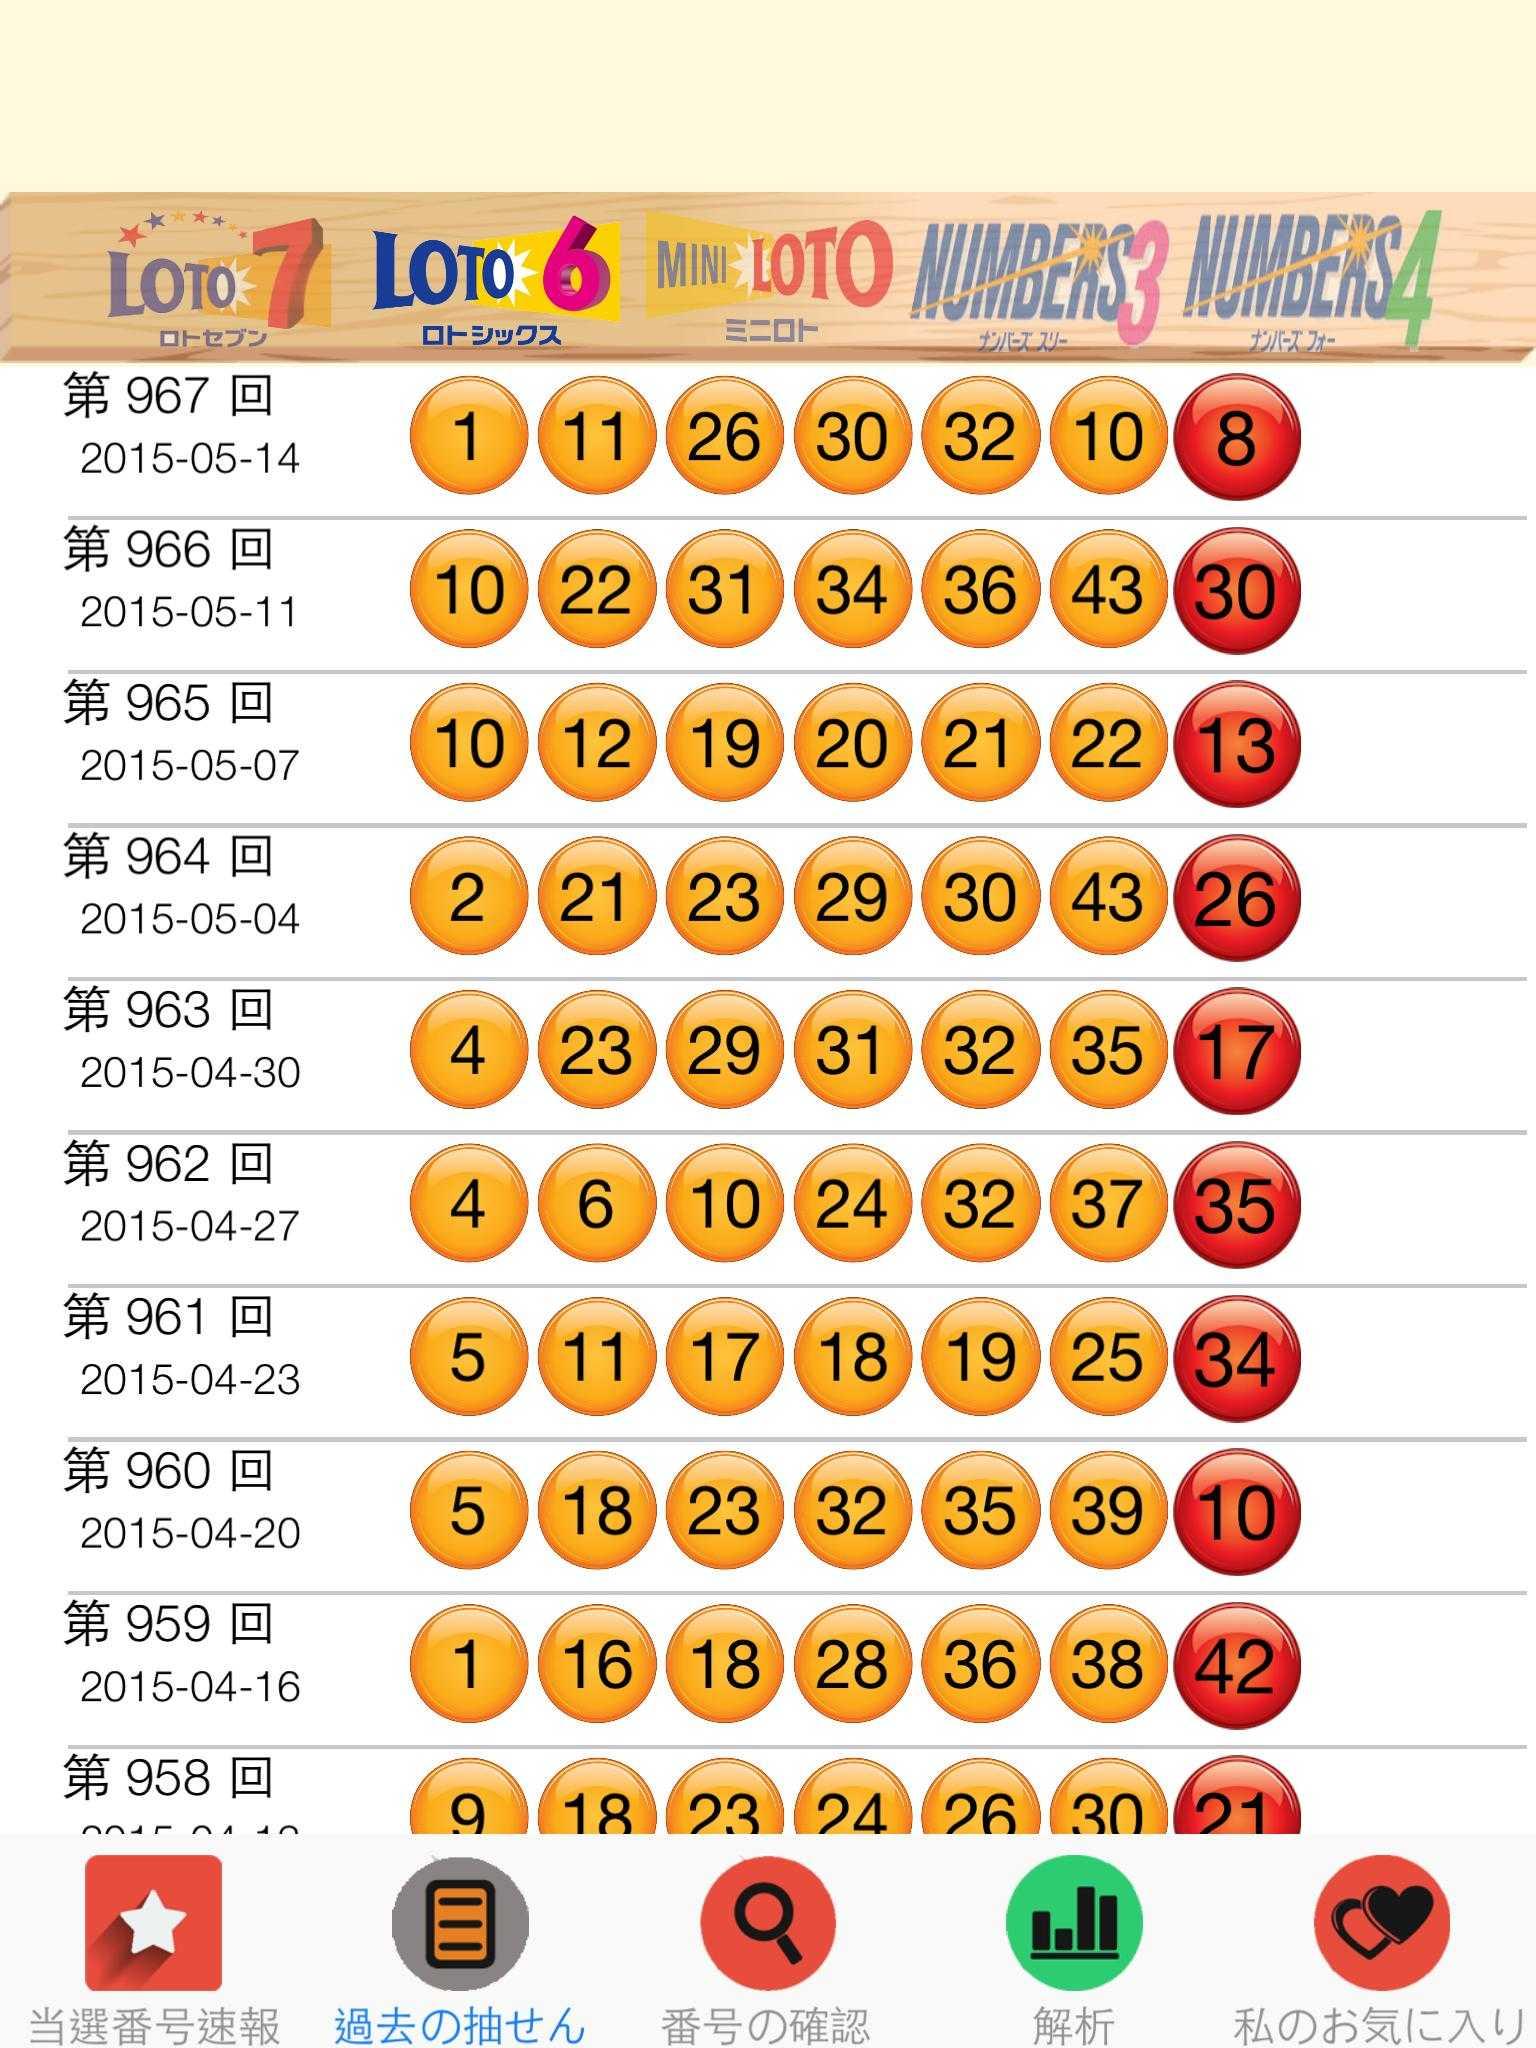 Японские лотереи, азартные игры, пачисуро, пачинко, рулетка и легализация казино в японии   miuki mikado • виртуальная япония